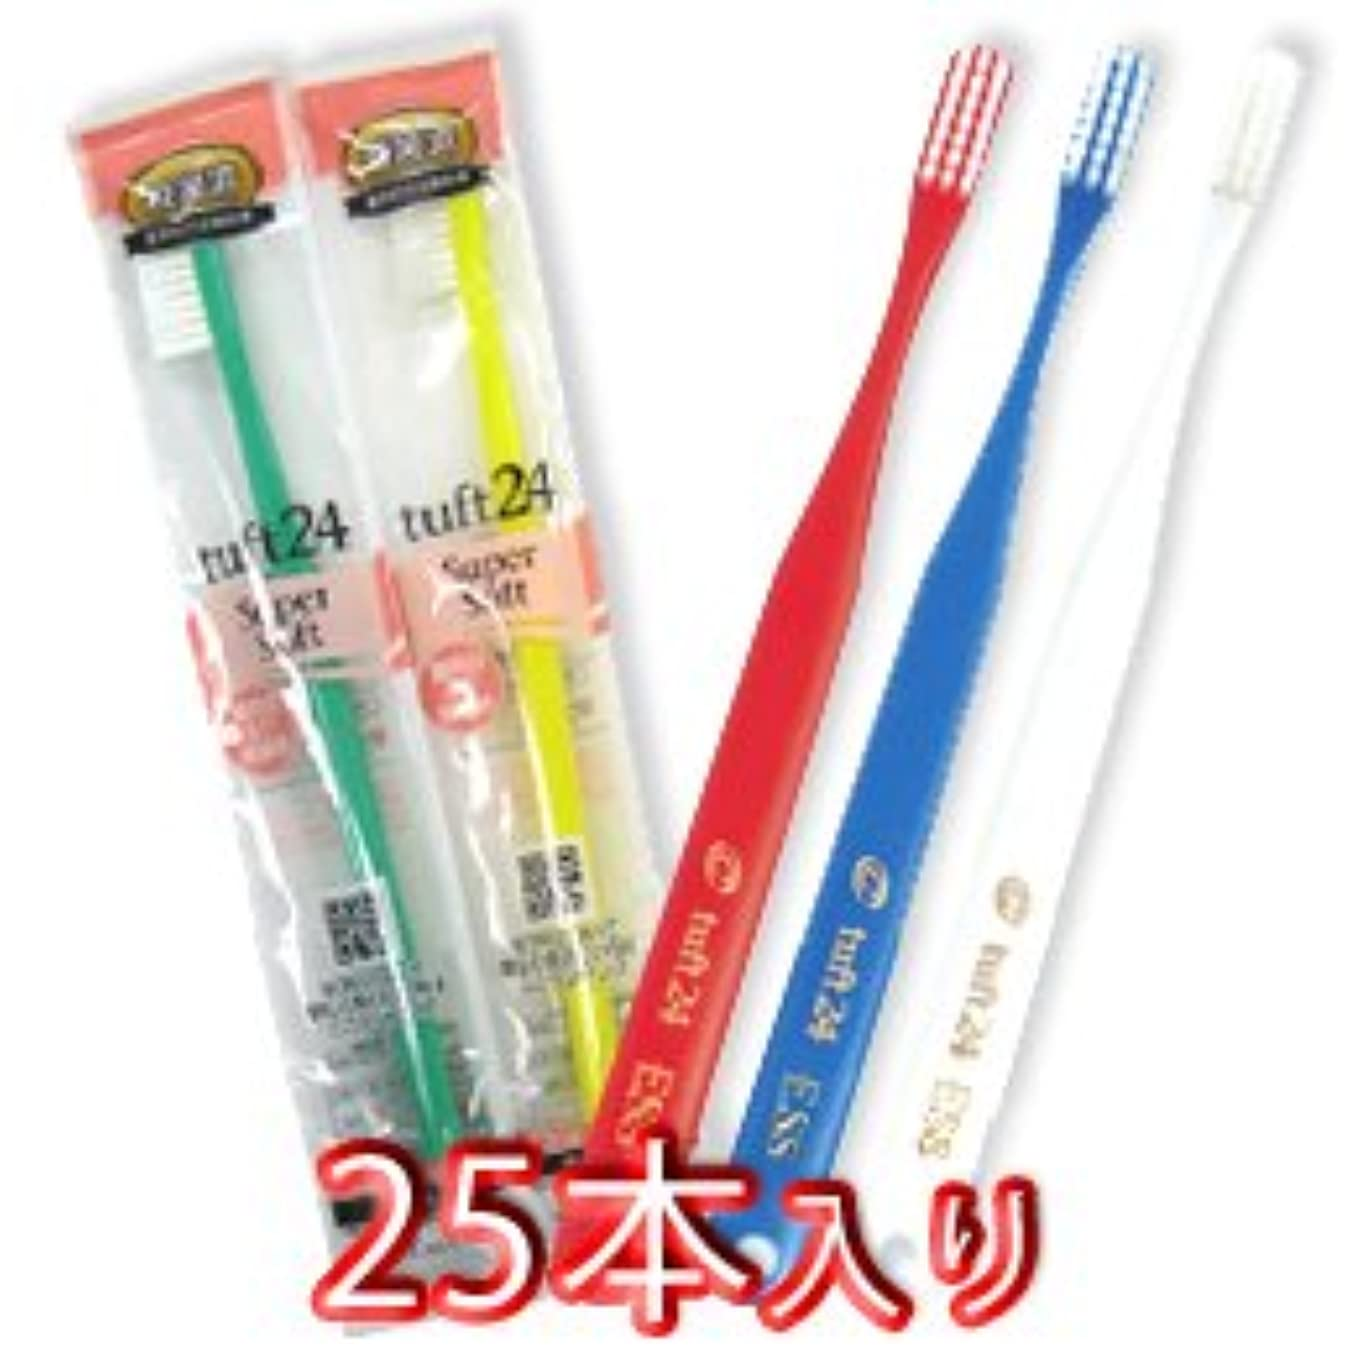 一族サイレン逸話キャップ付き タフト 24 歯ブラシ スーパーソフト 25本 (アソート)